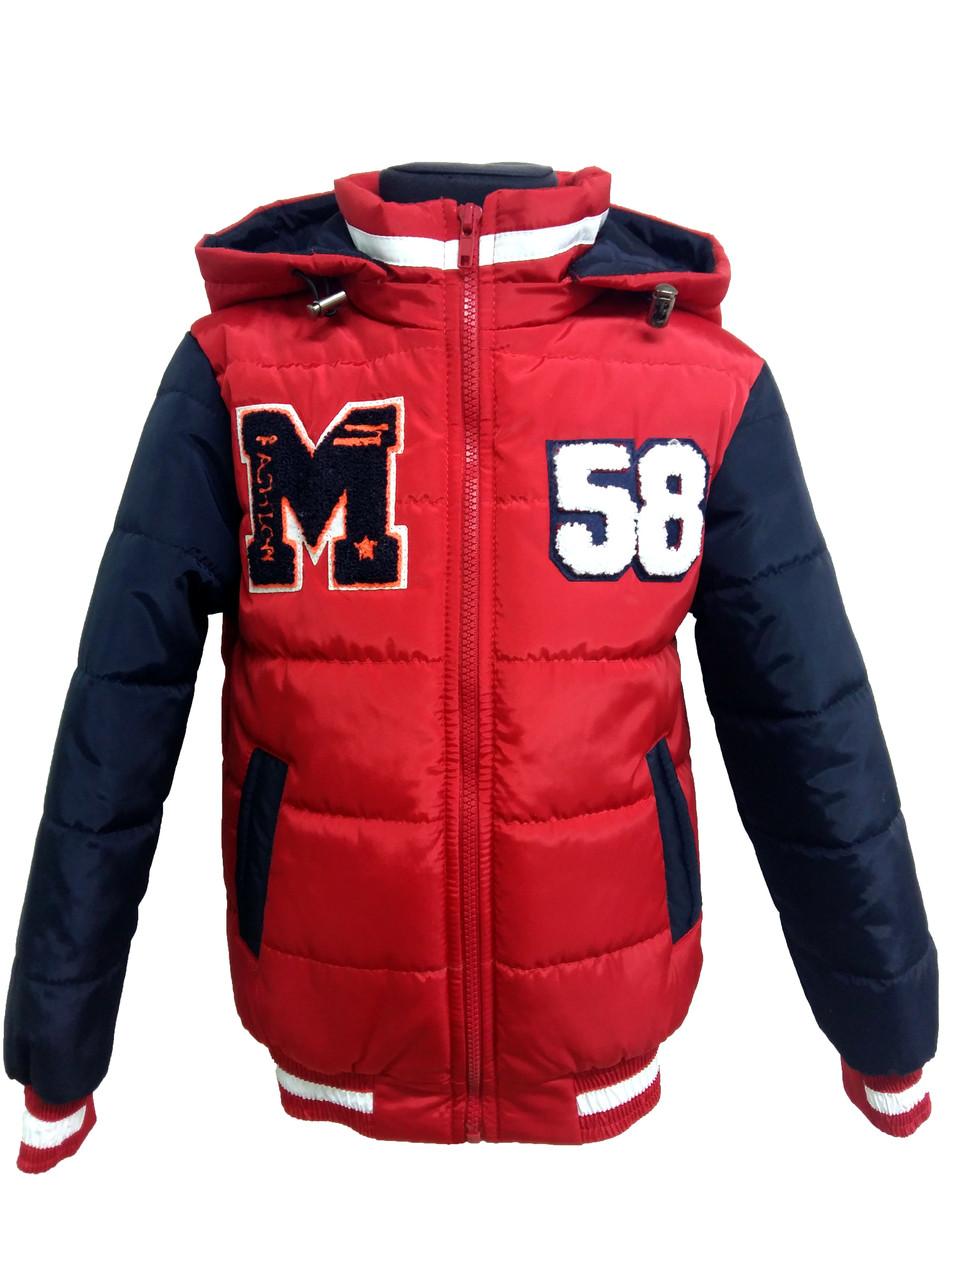 93e8f4feeb1 Куртка Бомбер демисезонная на мальчика 3214 - Магазин детской одежды